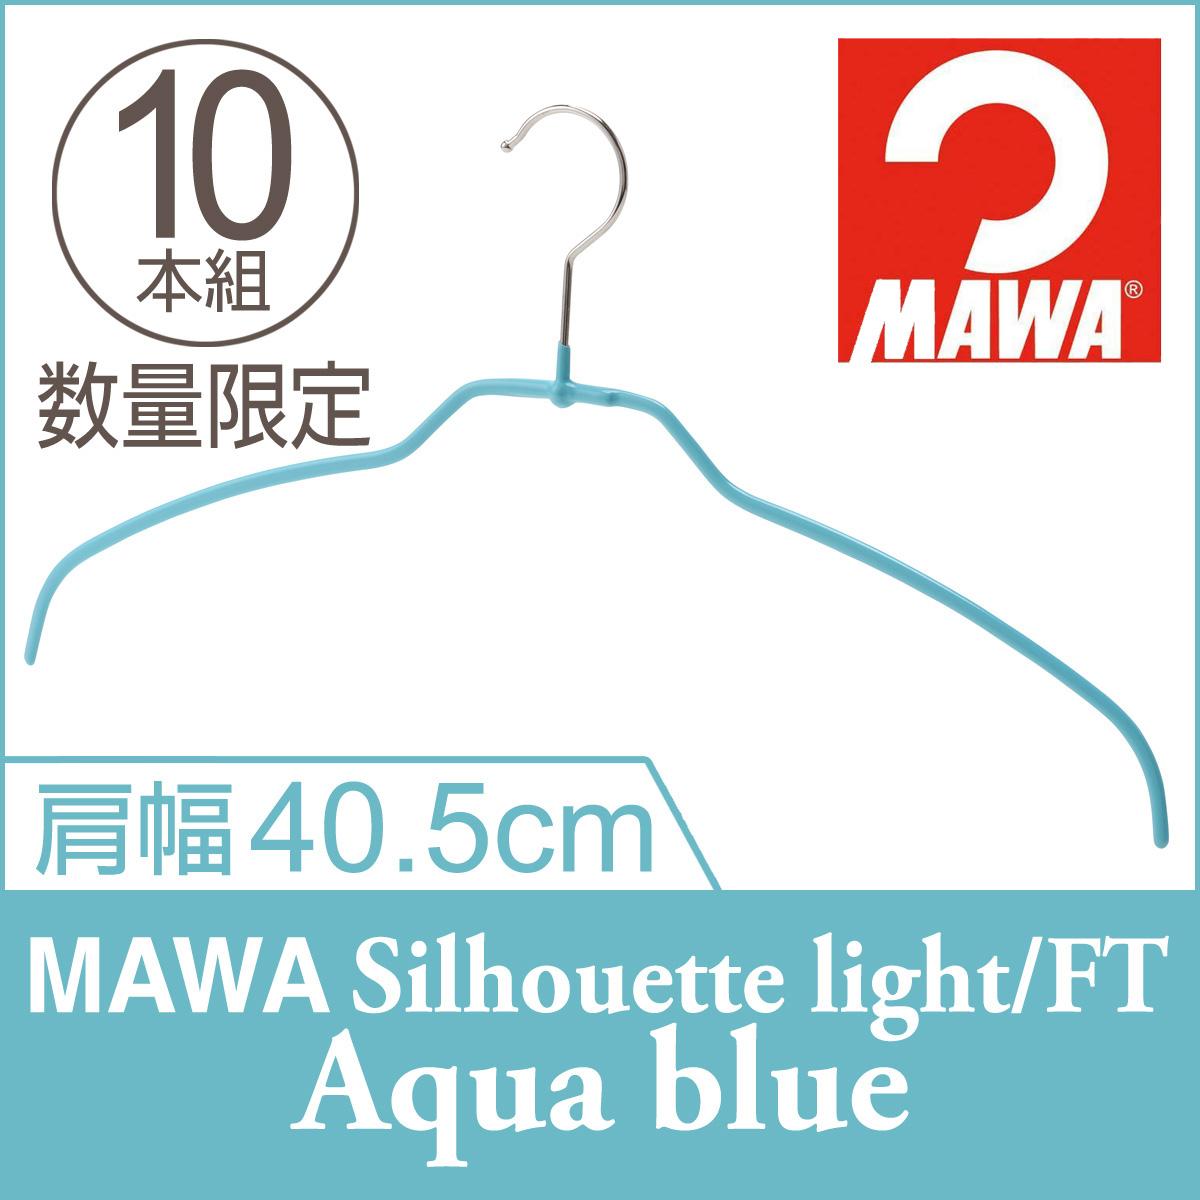 MAWAハンガー(マワハンガー)シルエットライト 42FT 10本セット(ブラック/シルバー/ホワイト/アクアブルー)